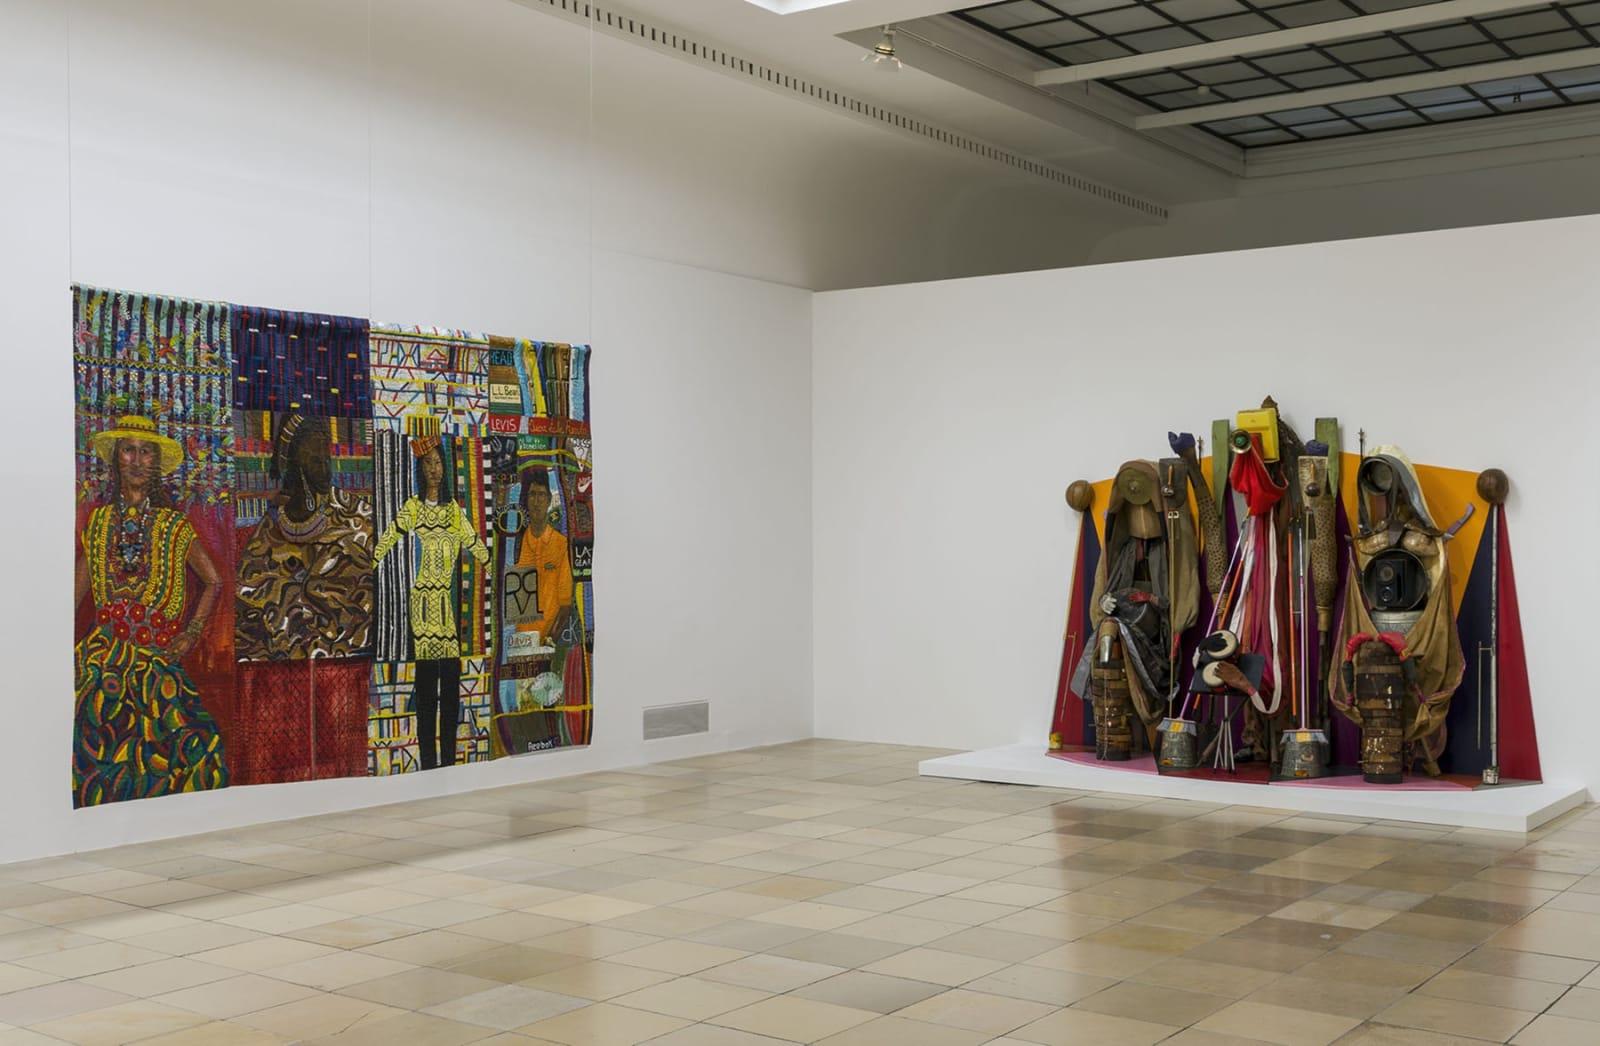 Installationsansicht / Installation view Haus der Kunst, 2021 Photo: Maximilian Geuter